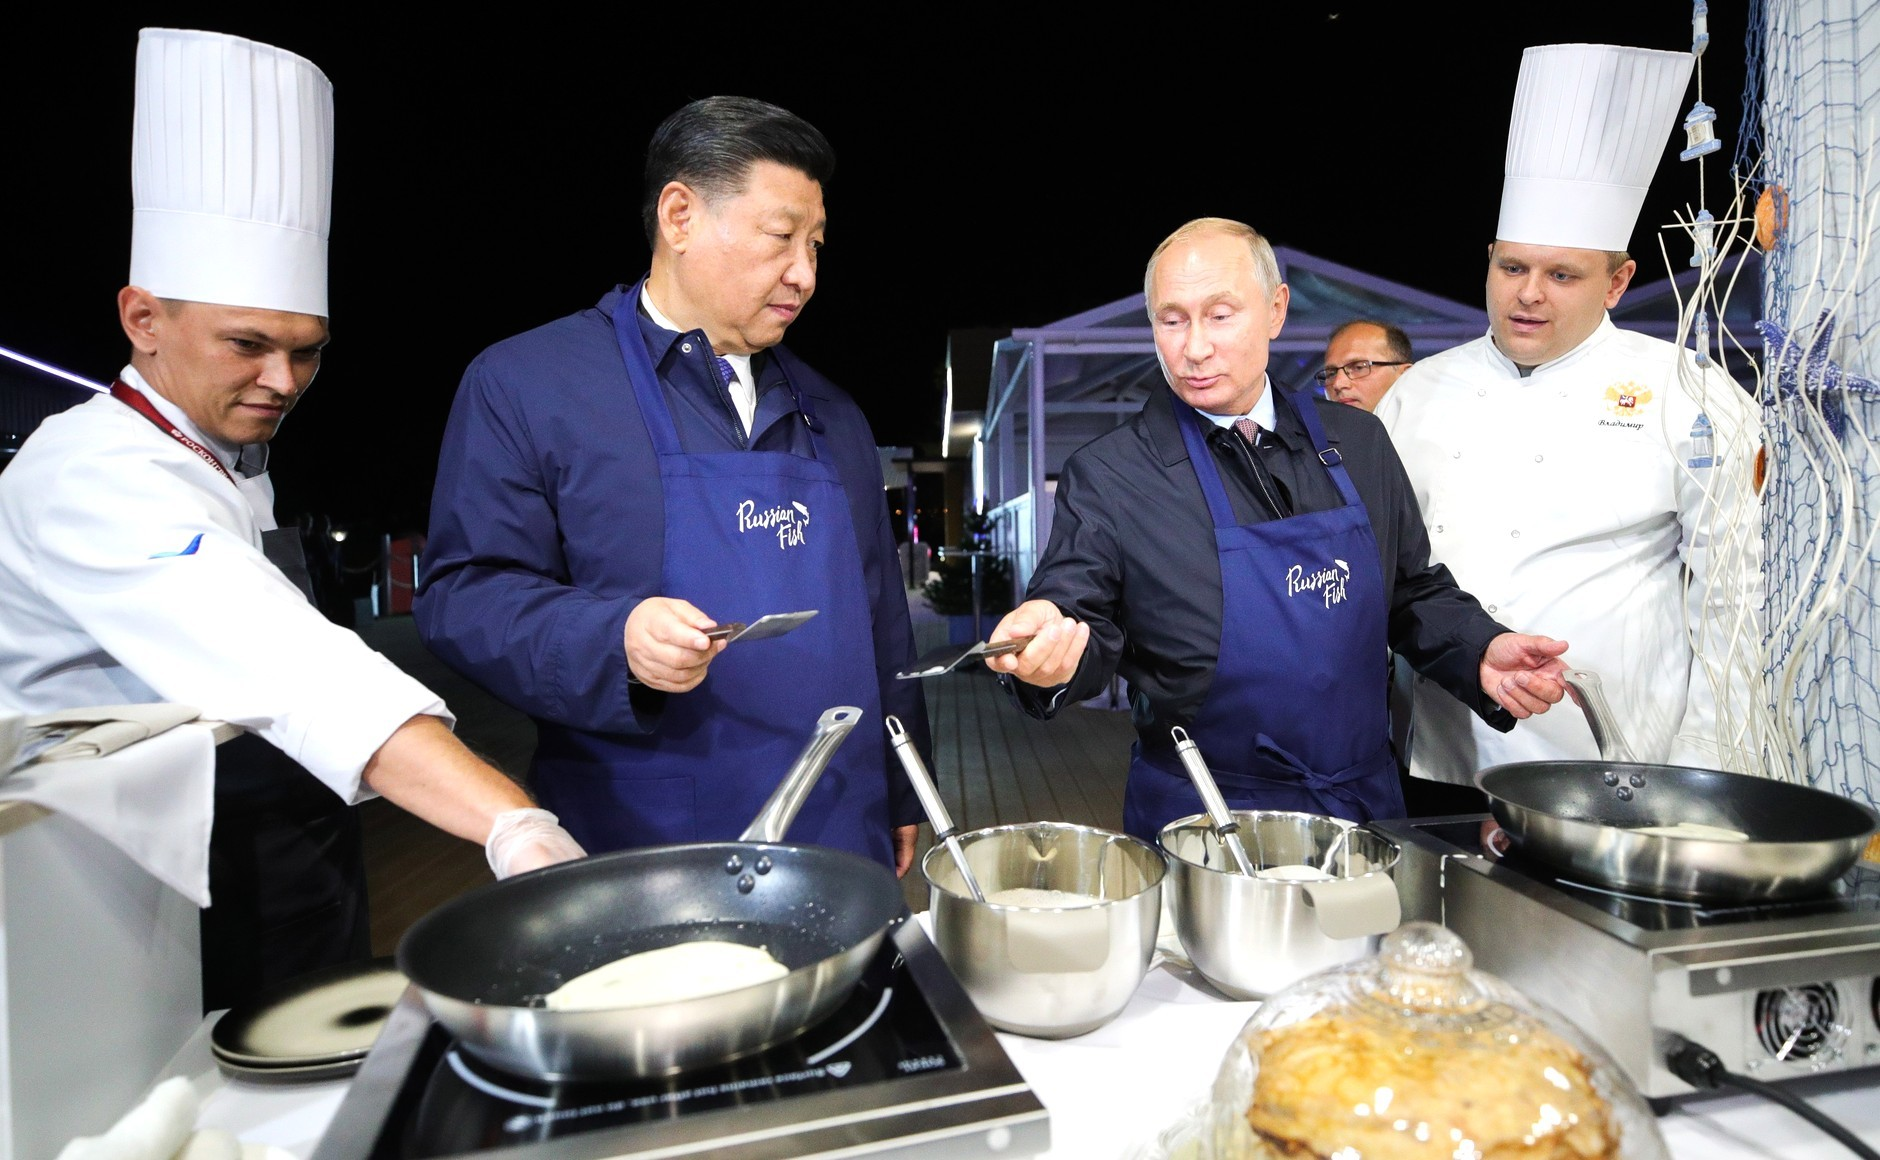 (Video+Fotos) Putin y Xi Jinping cocinaron y degustaron unos panqueques rusos con caviar